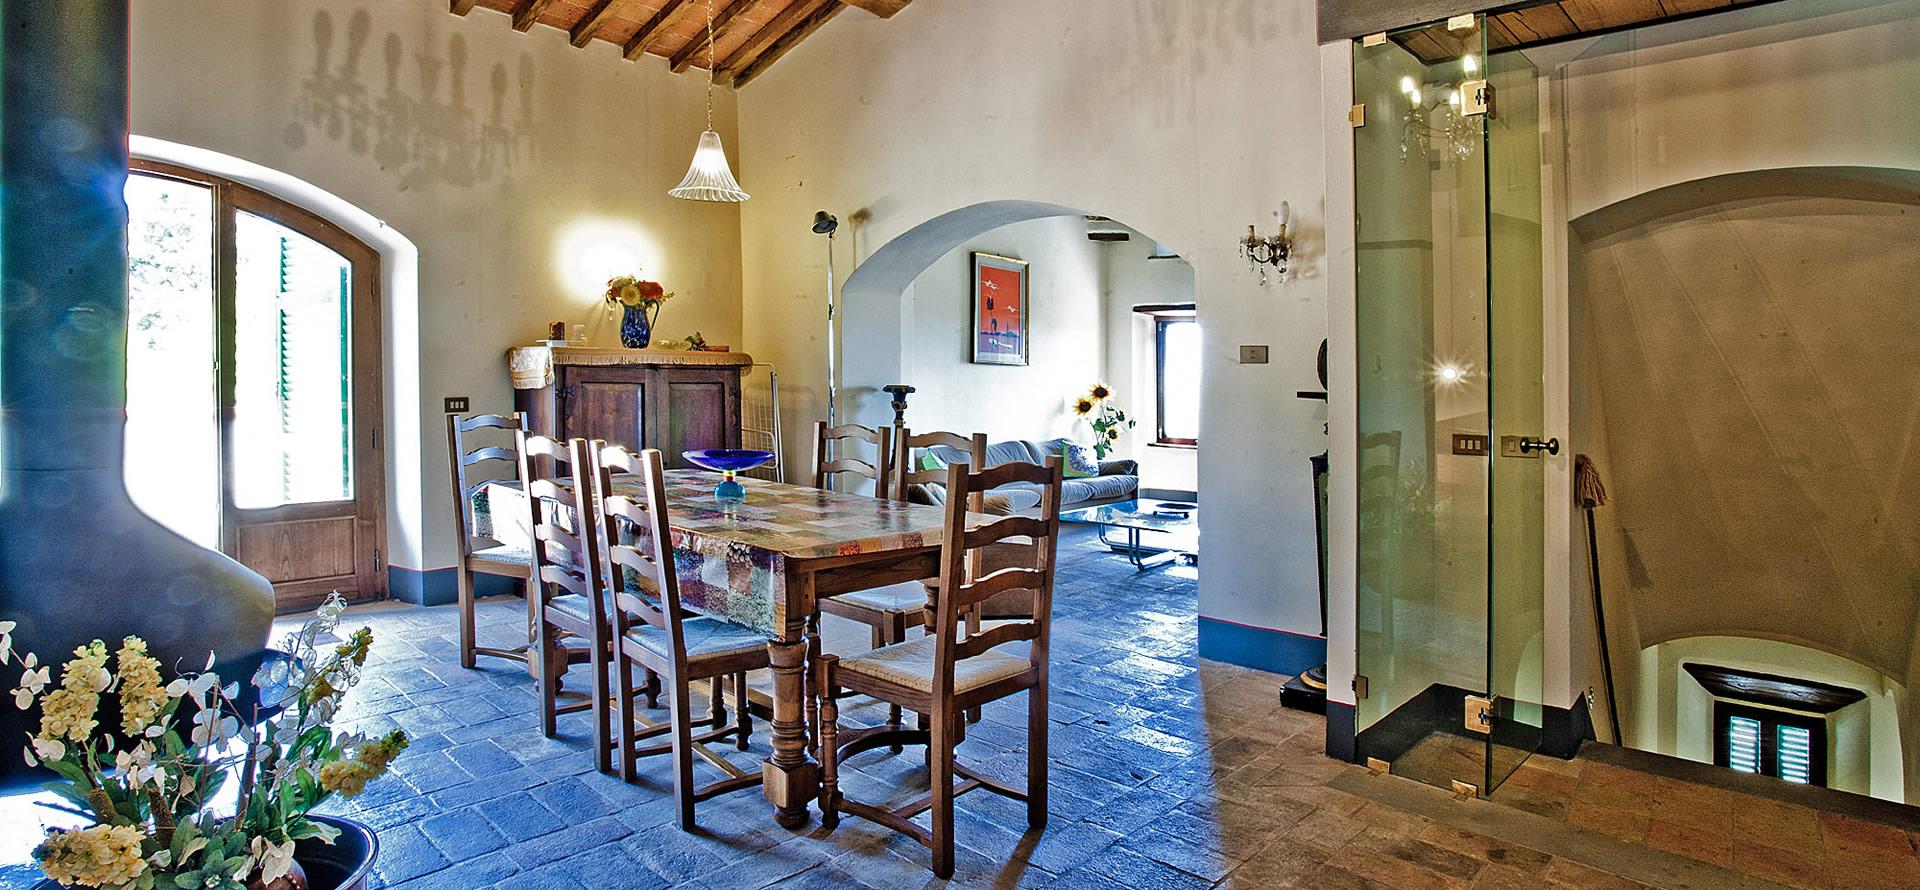 Sala da pranzo per 6-10 persone appartamento Mirolago